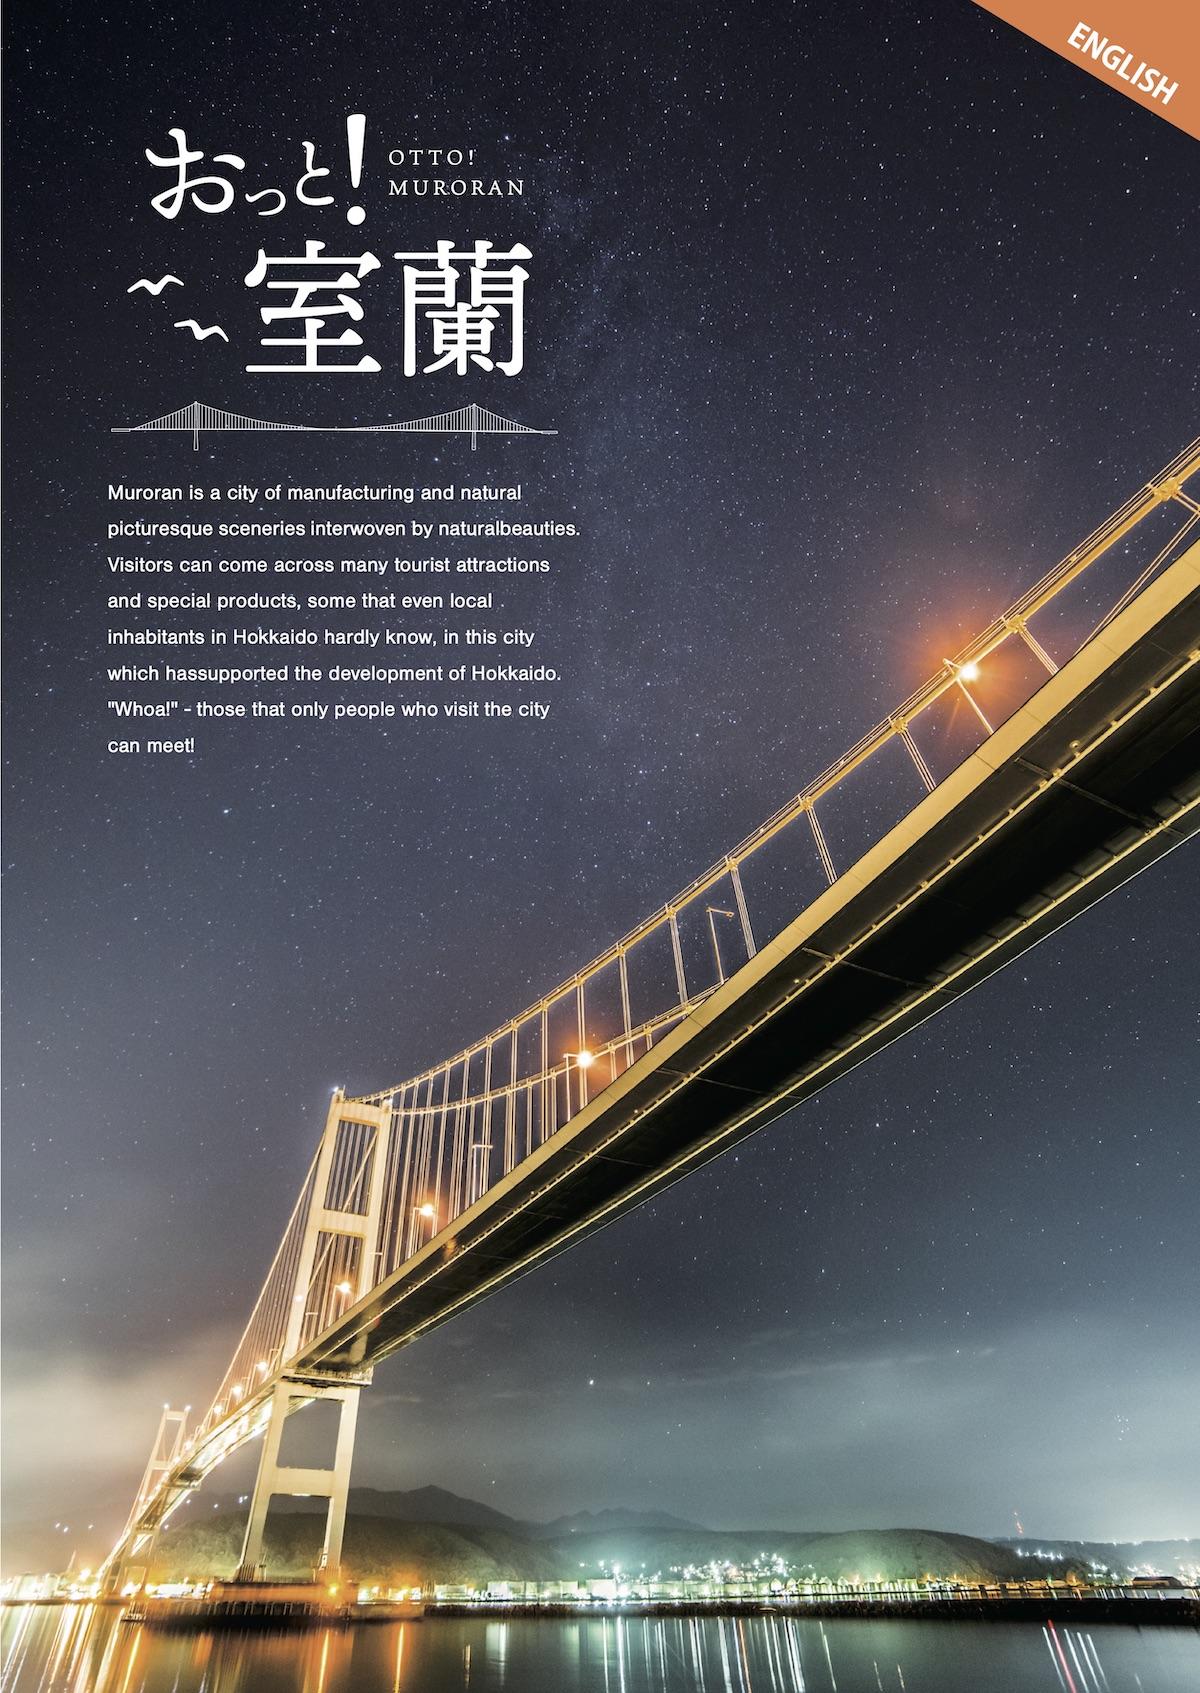 室蘭公式パンフレット[English]